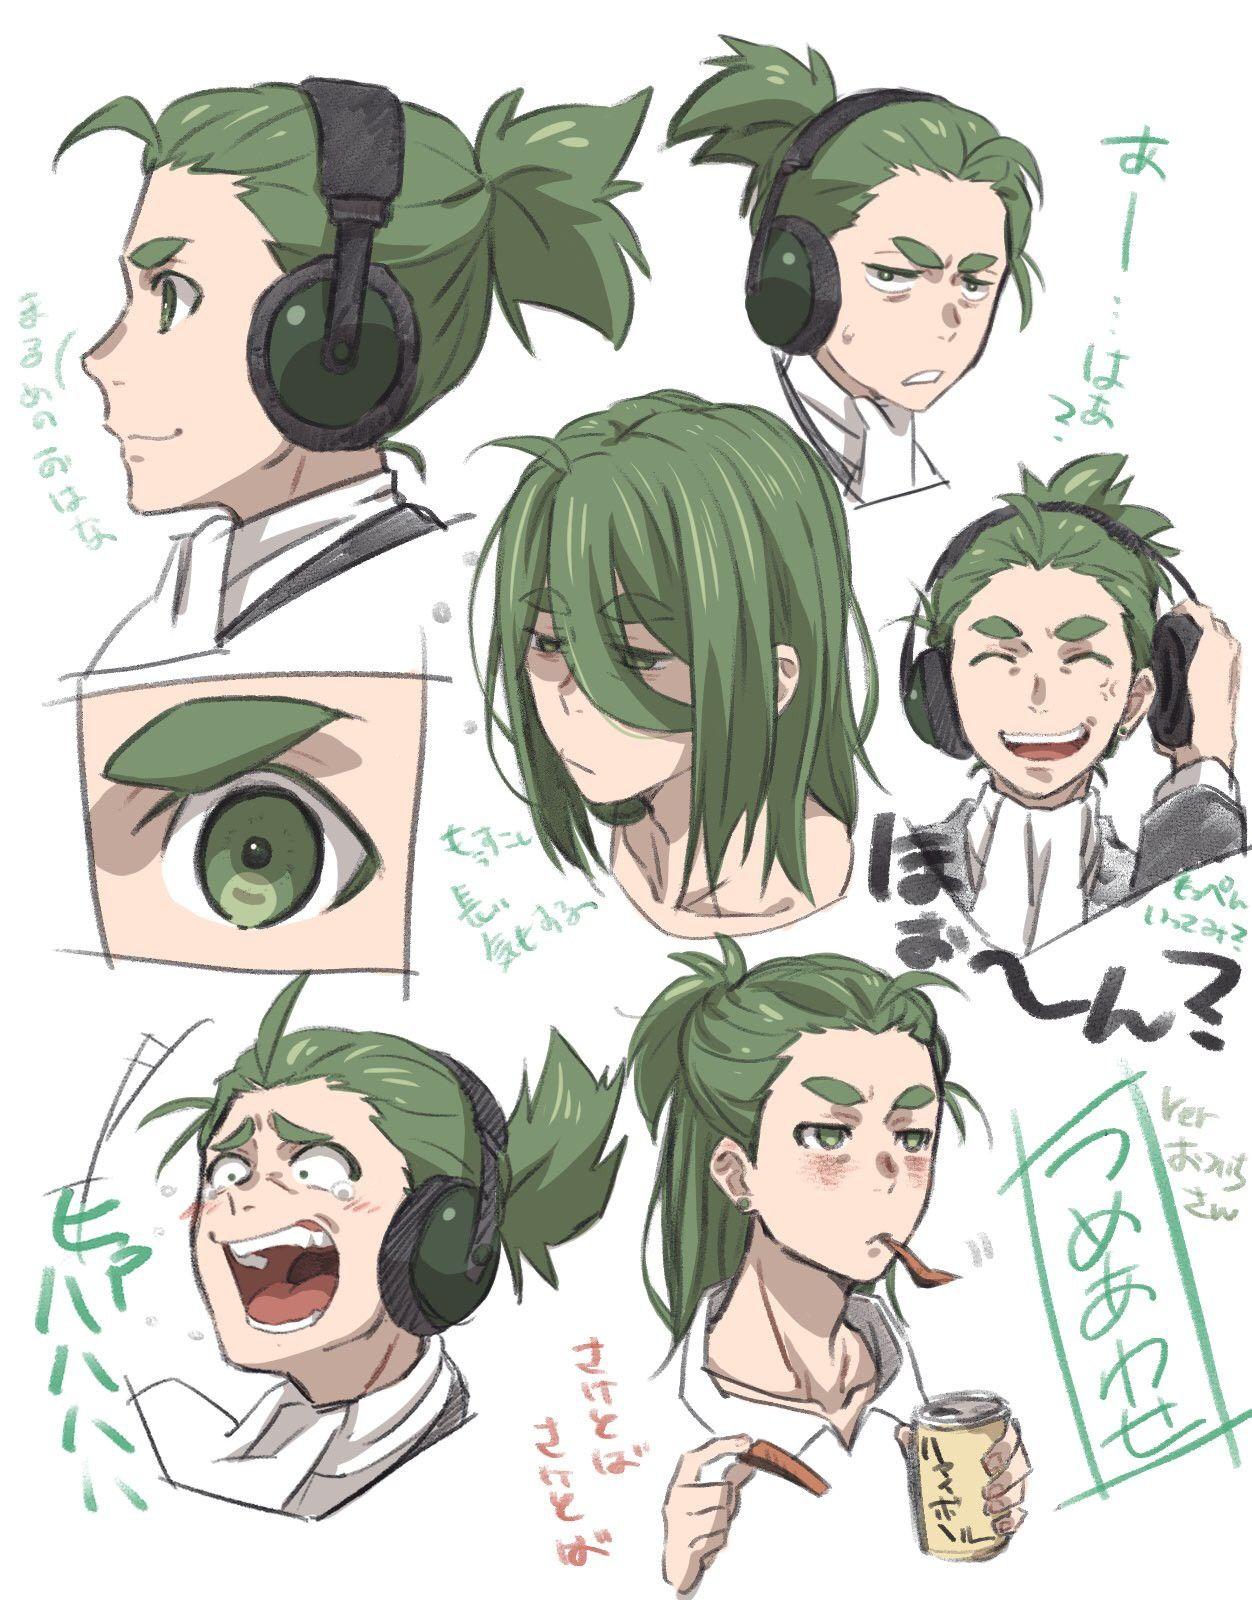 back Anime girl hair pulled